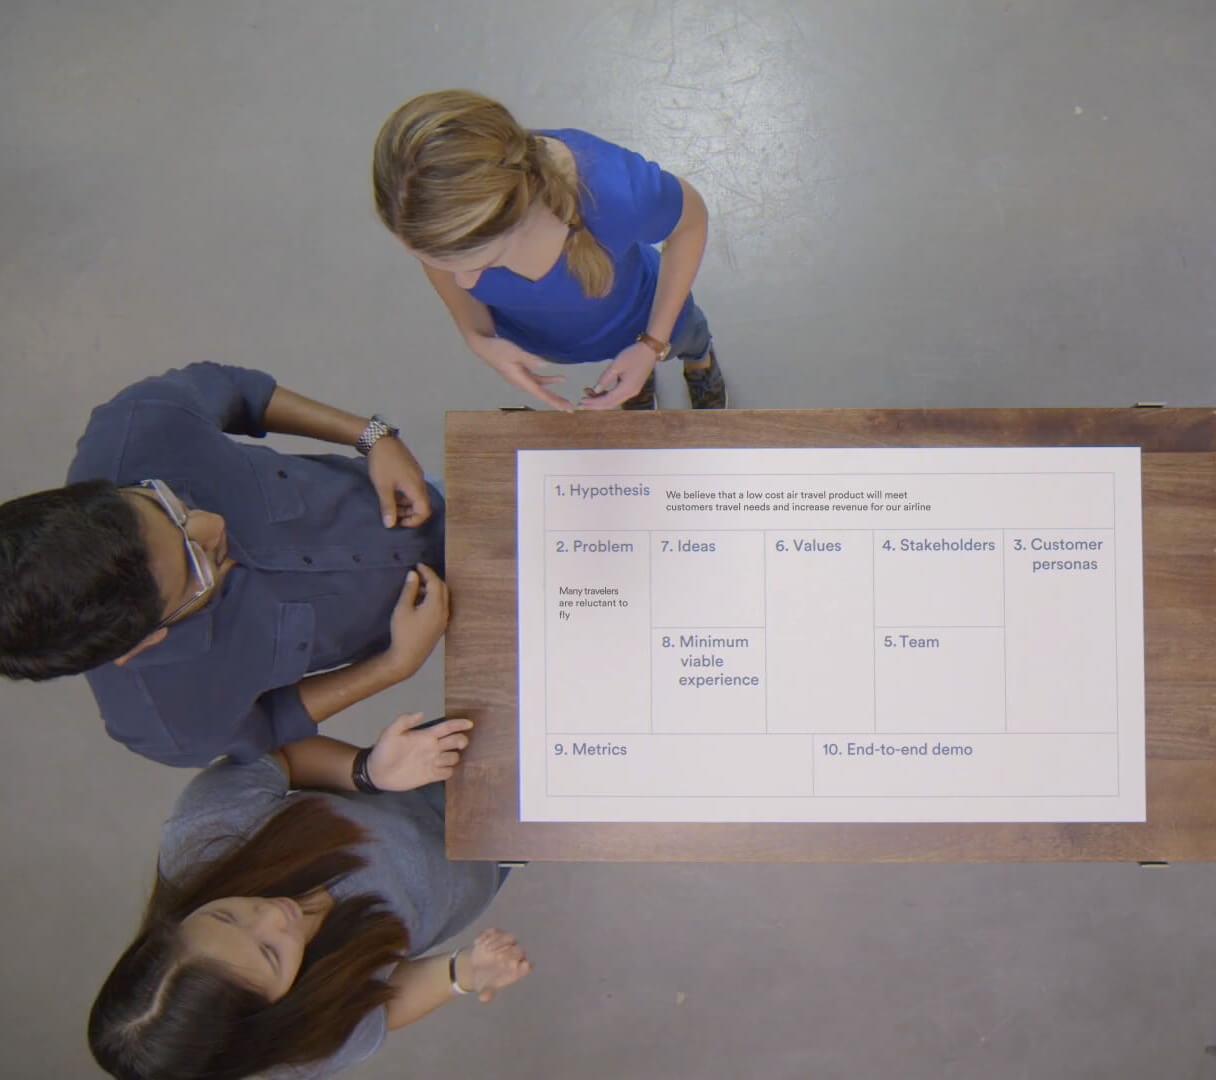 Le scénario Canevas d'expérience est une variante du Lean Canvas classique.